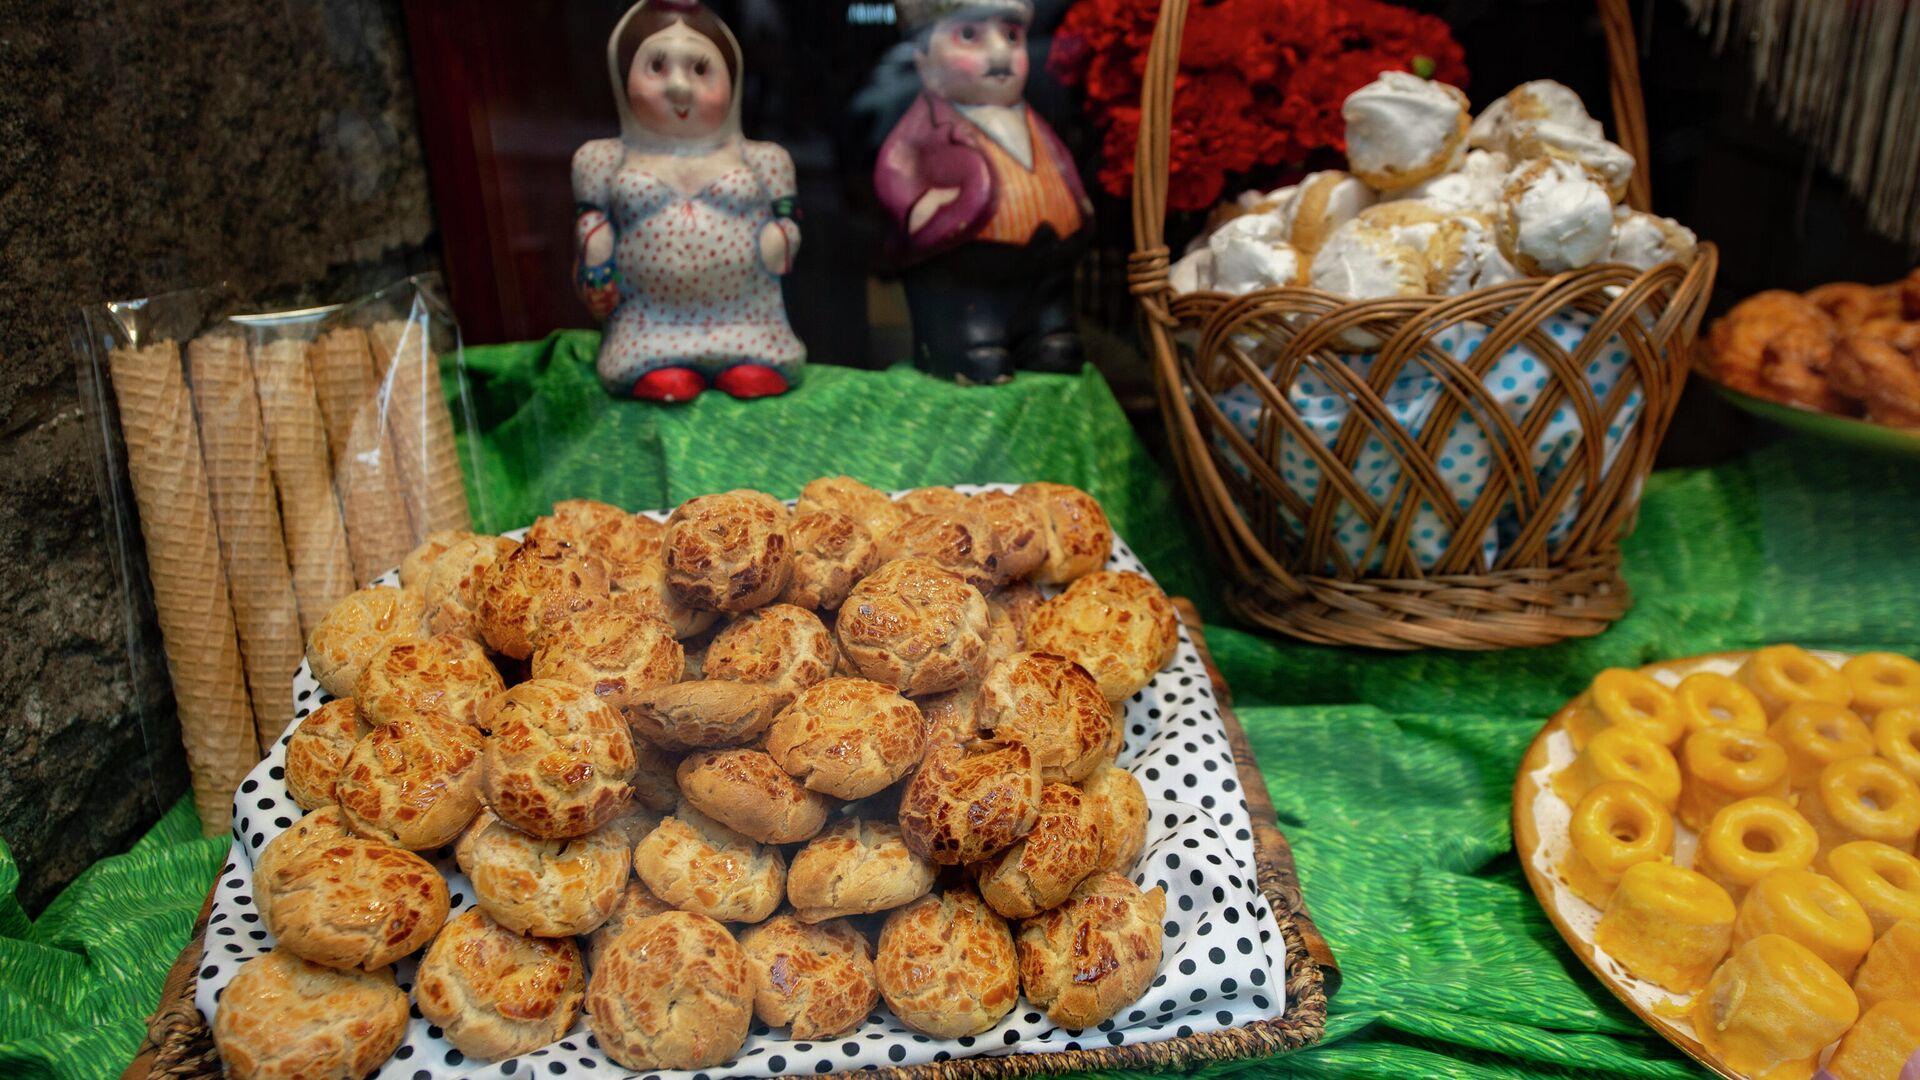 Tipos de rosquillas: tontas, listas, francesas y de Santa Clara - Sputnik Mundo, 1920, 14.05.2021